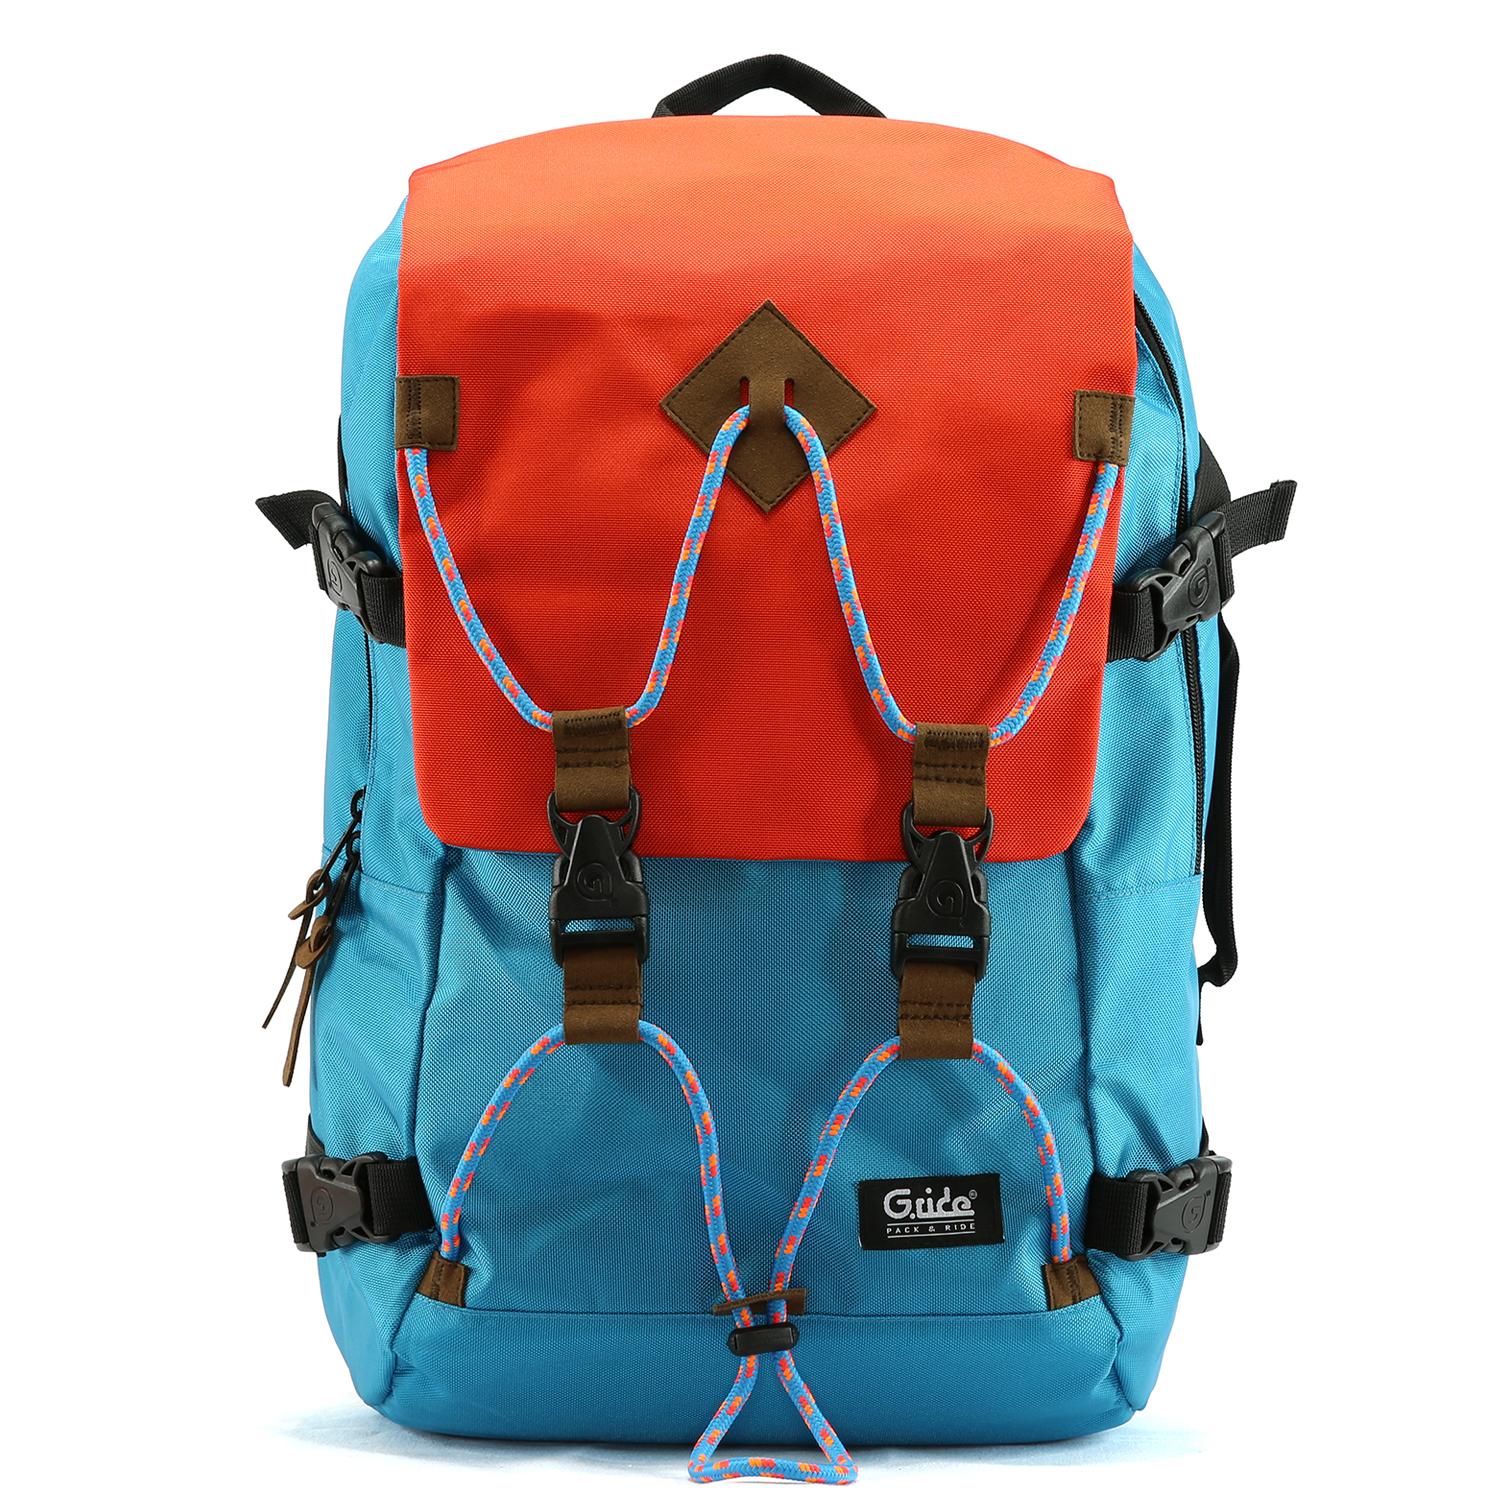 G.RIDE – Τσάντα πλάτης G.Ride μπλε 1516530.0-4513